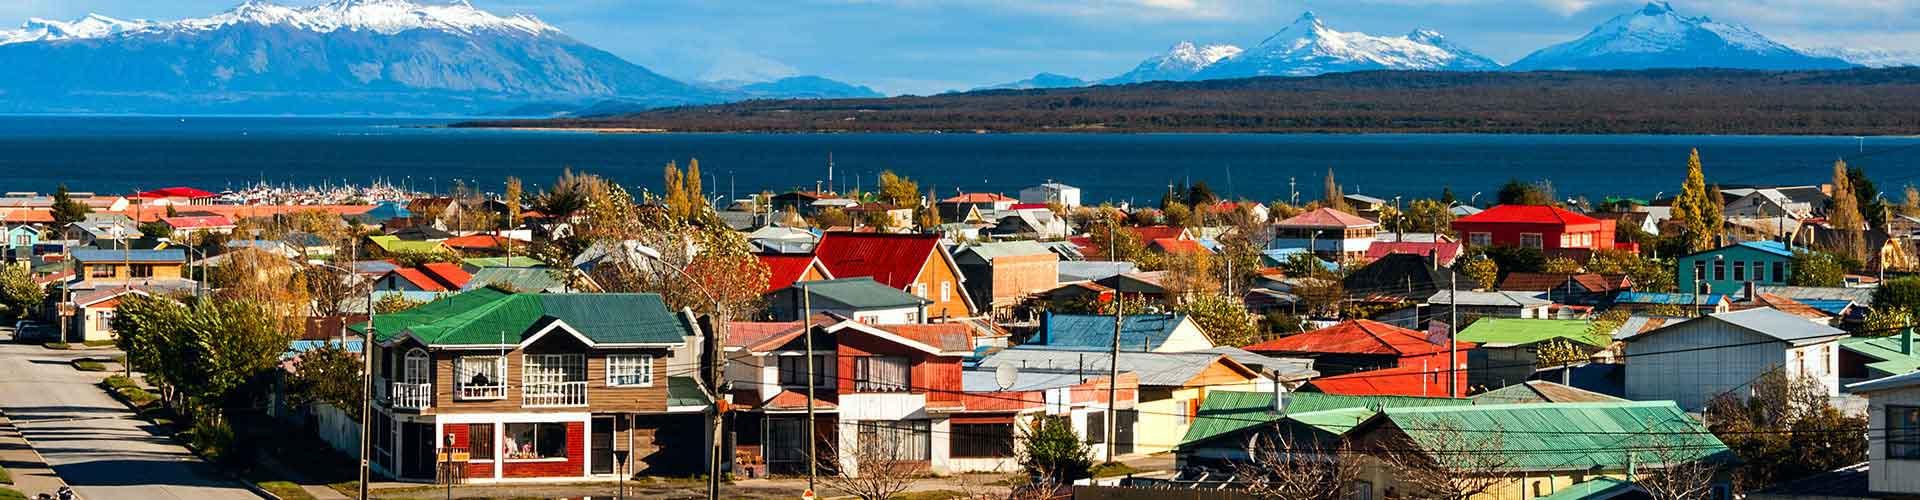 Puerto Natales - Auberges de jeunesse à Puerto Natales. Cartes pour Puerto Natales, photos et commentaires pour chaque auberge de jeunesse à Puerto Natales.